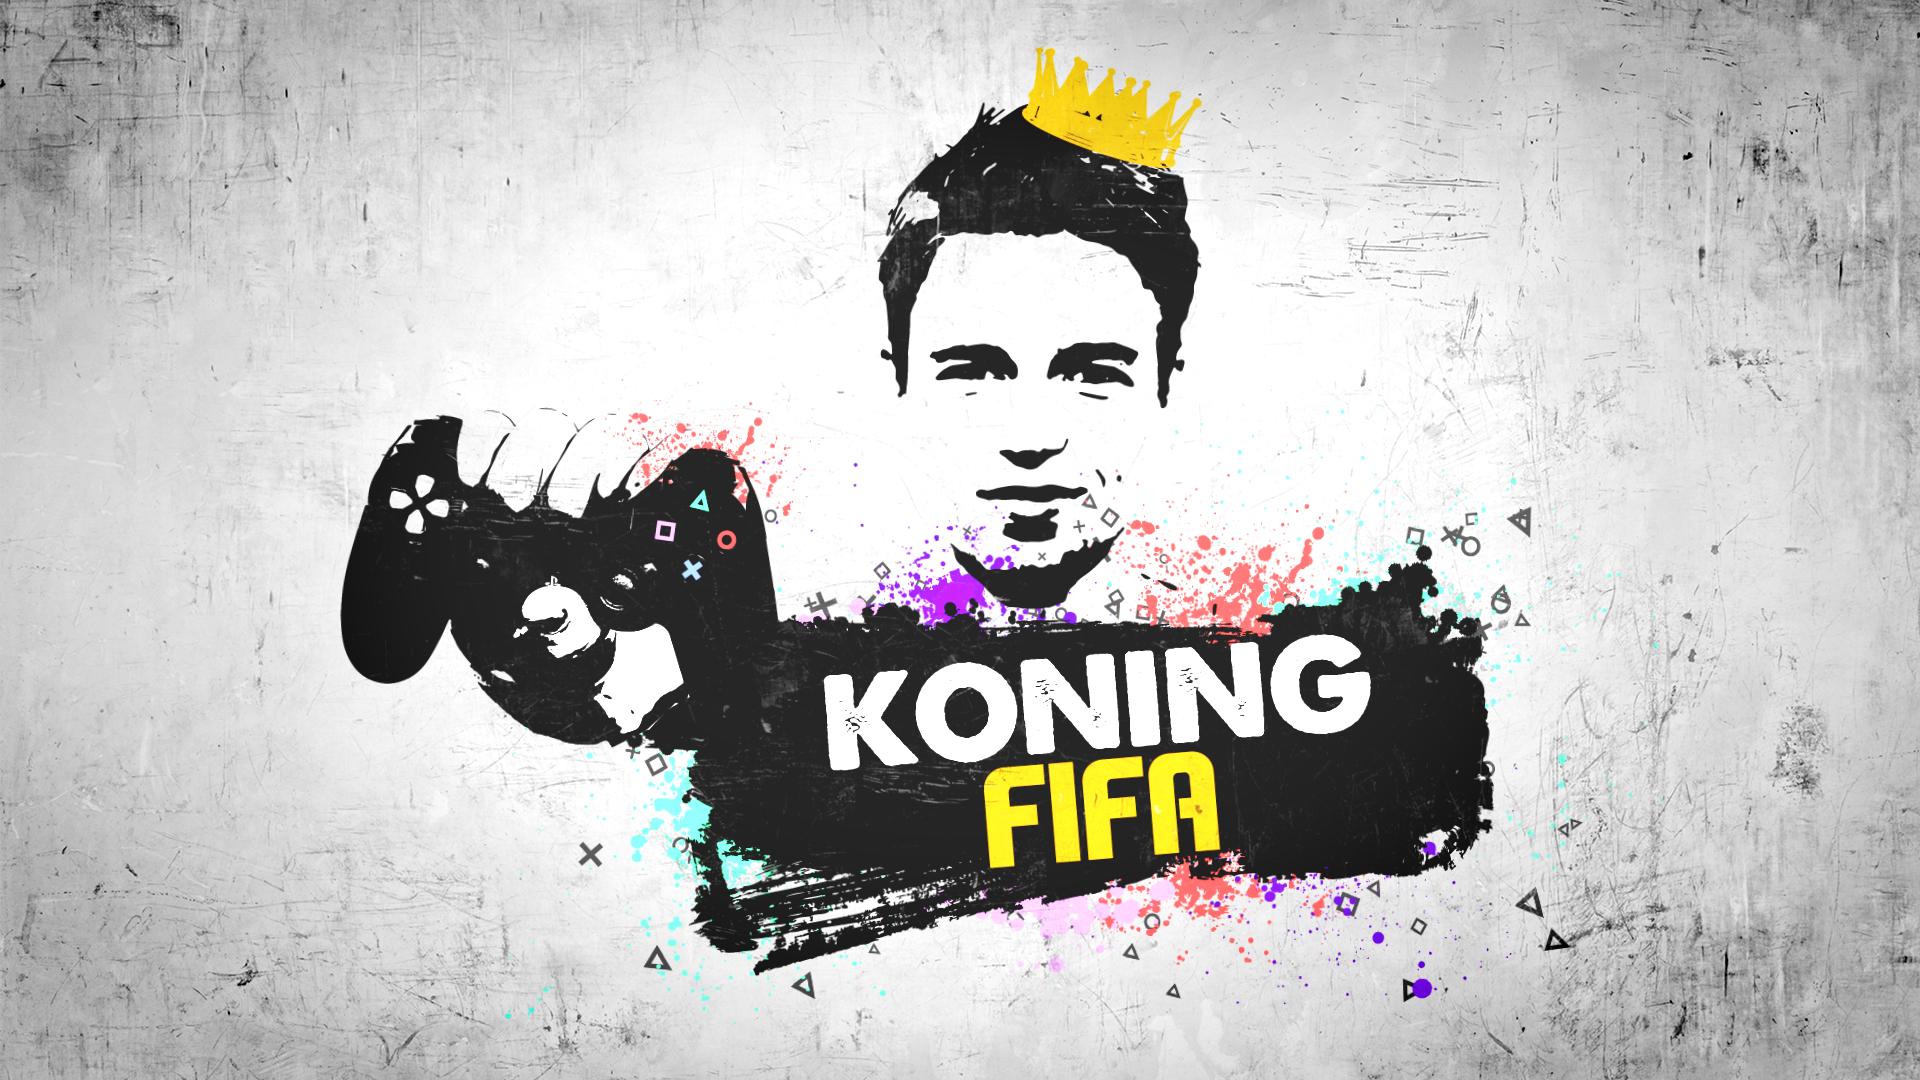 180271 logo%20koning%20fifa 1a25cb original 1443097256